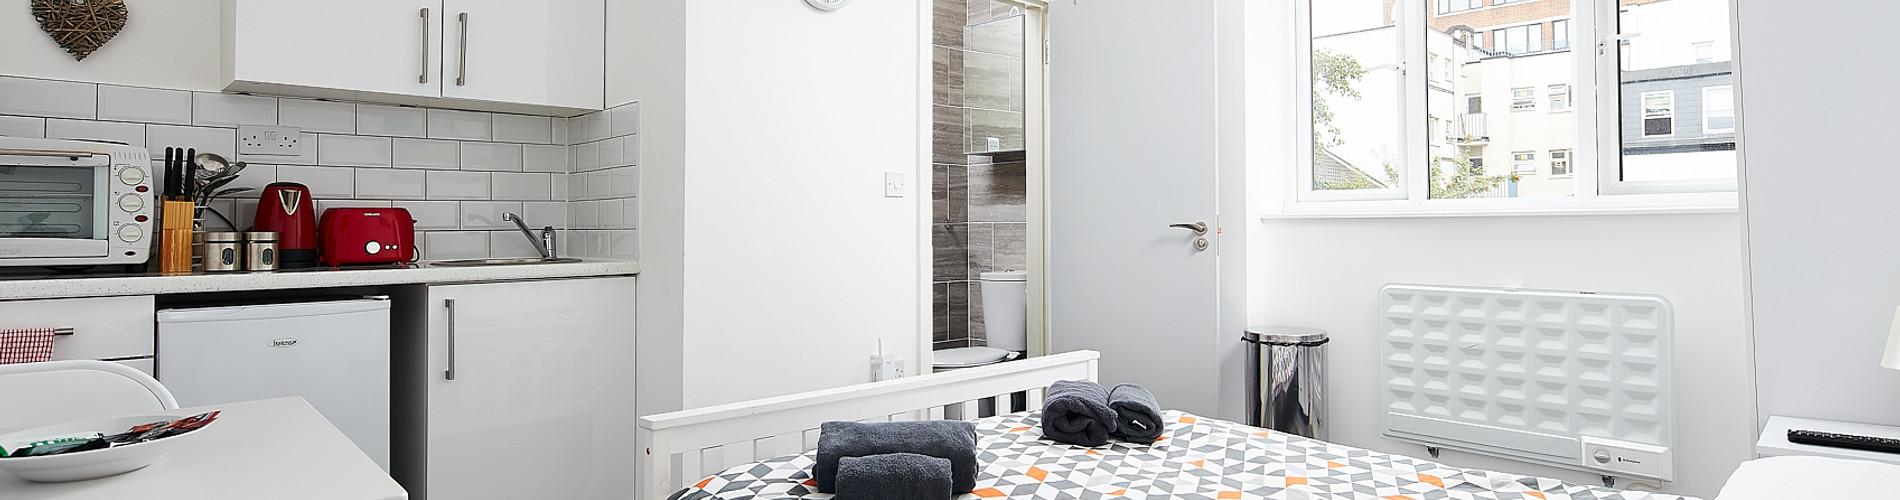 Vacation Rental Euston Studio Apartment #6